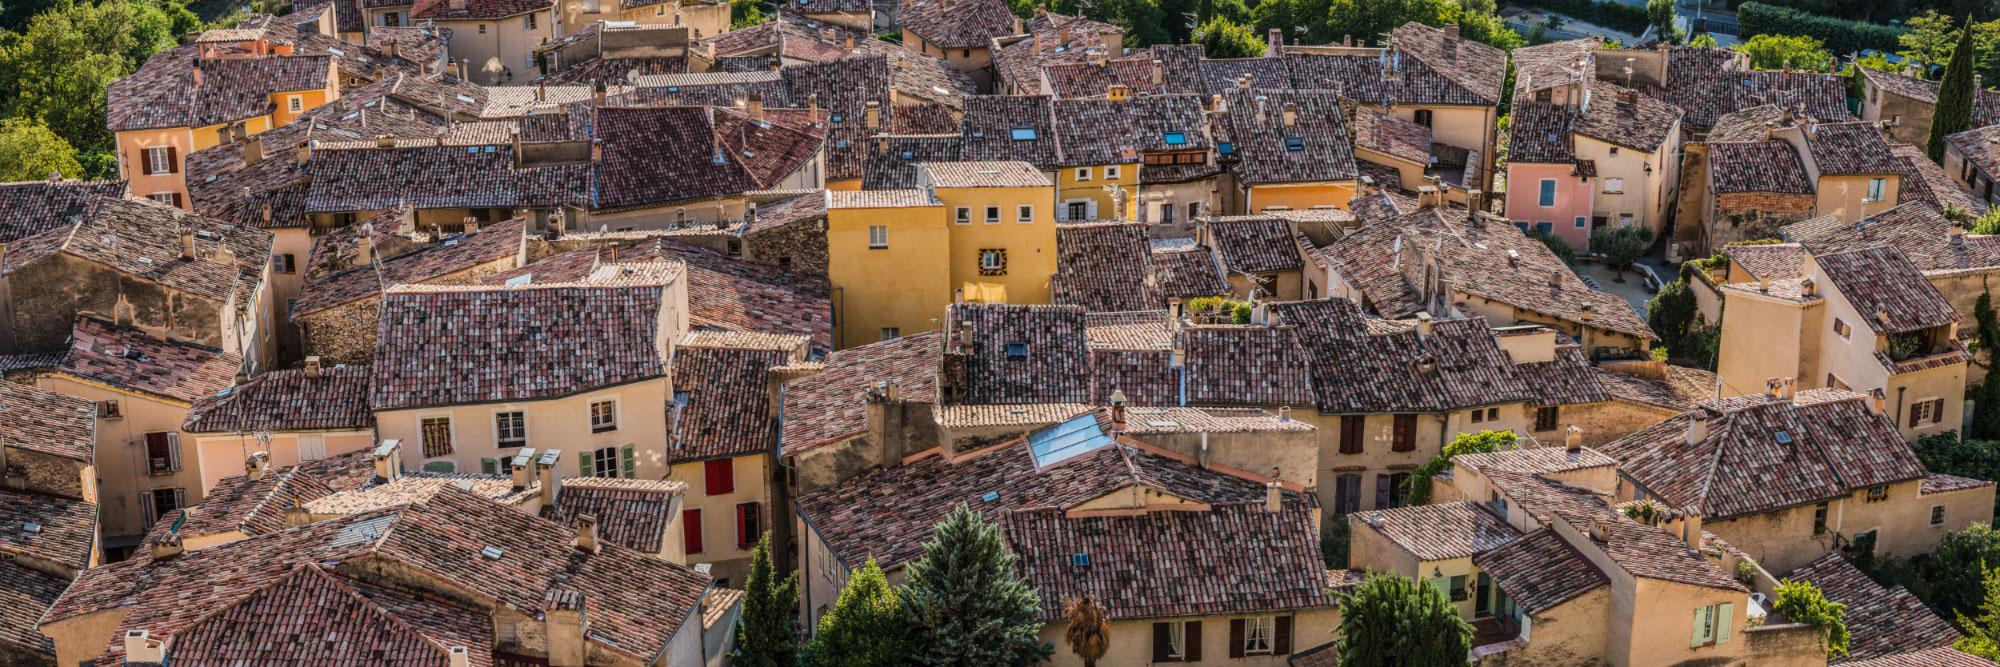 Les toits de Moustiers-Sainte-Marie, Verdon